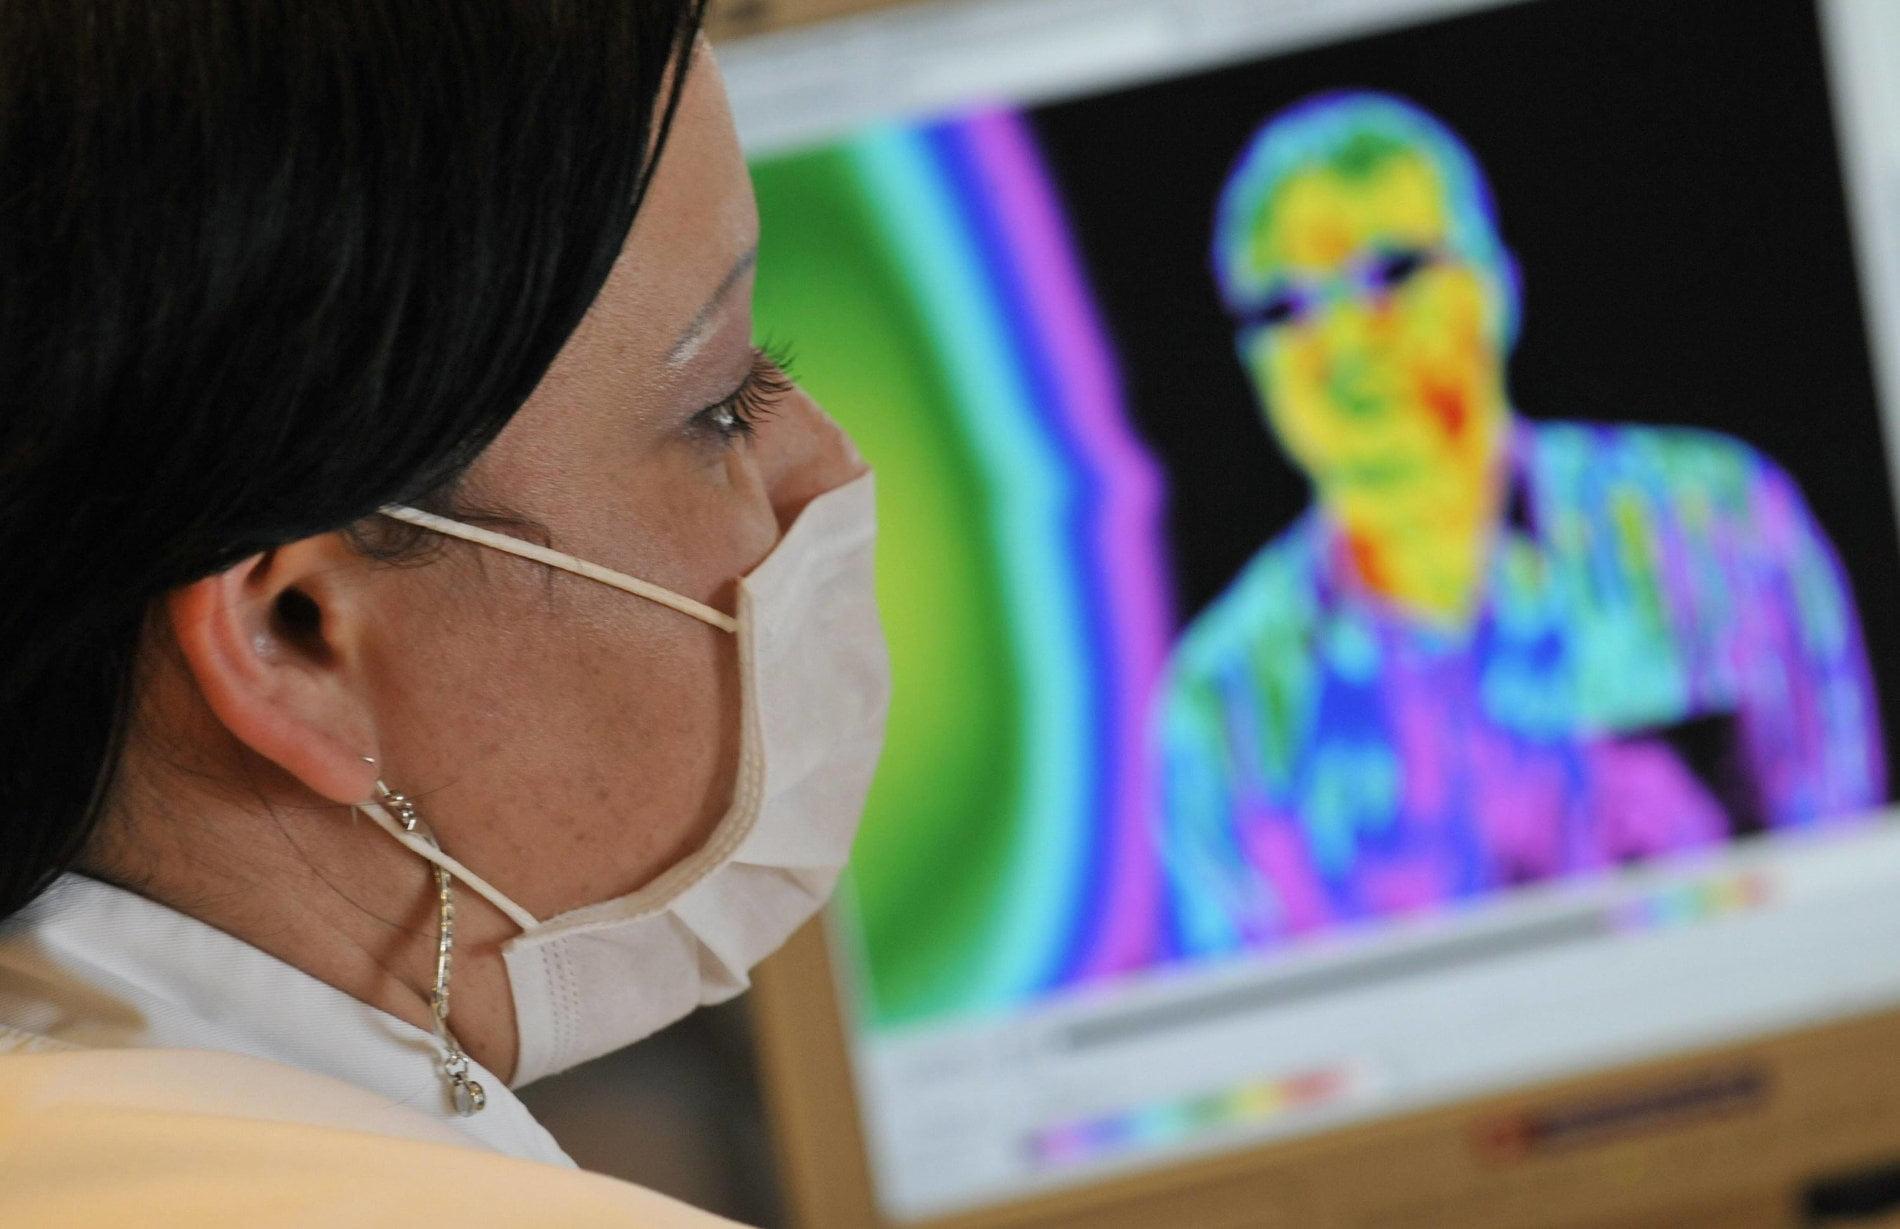 DSP Neamț: persoanele aflate în supraveghere și monitorizare în județul Neamț nu sunt simptomatice